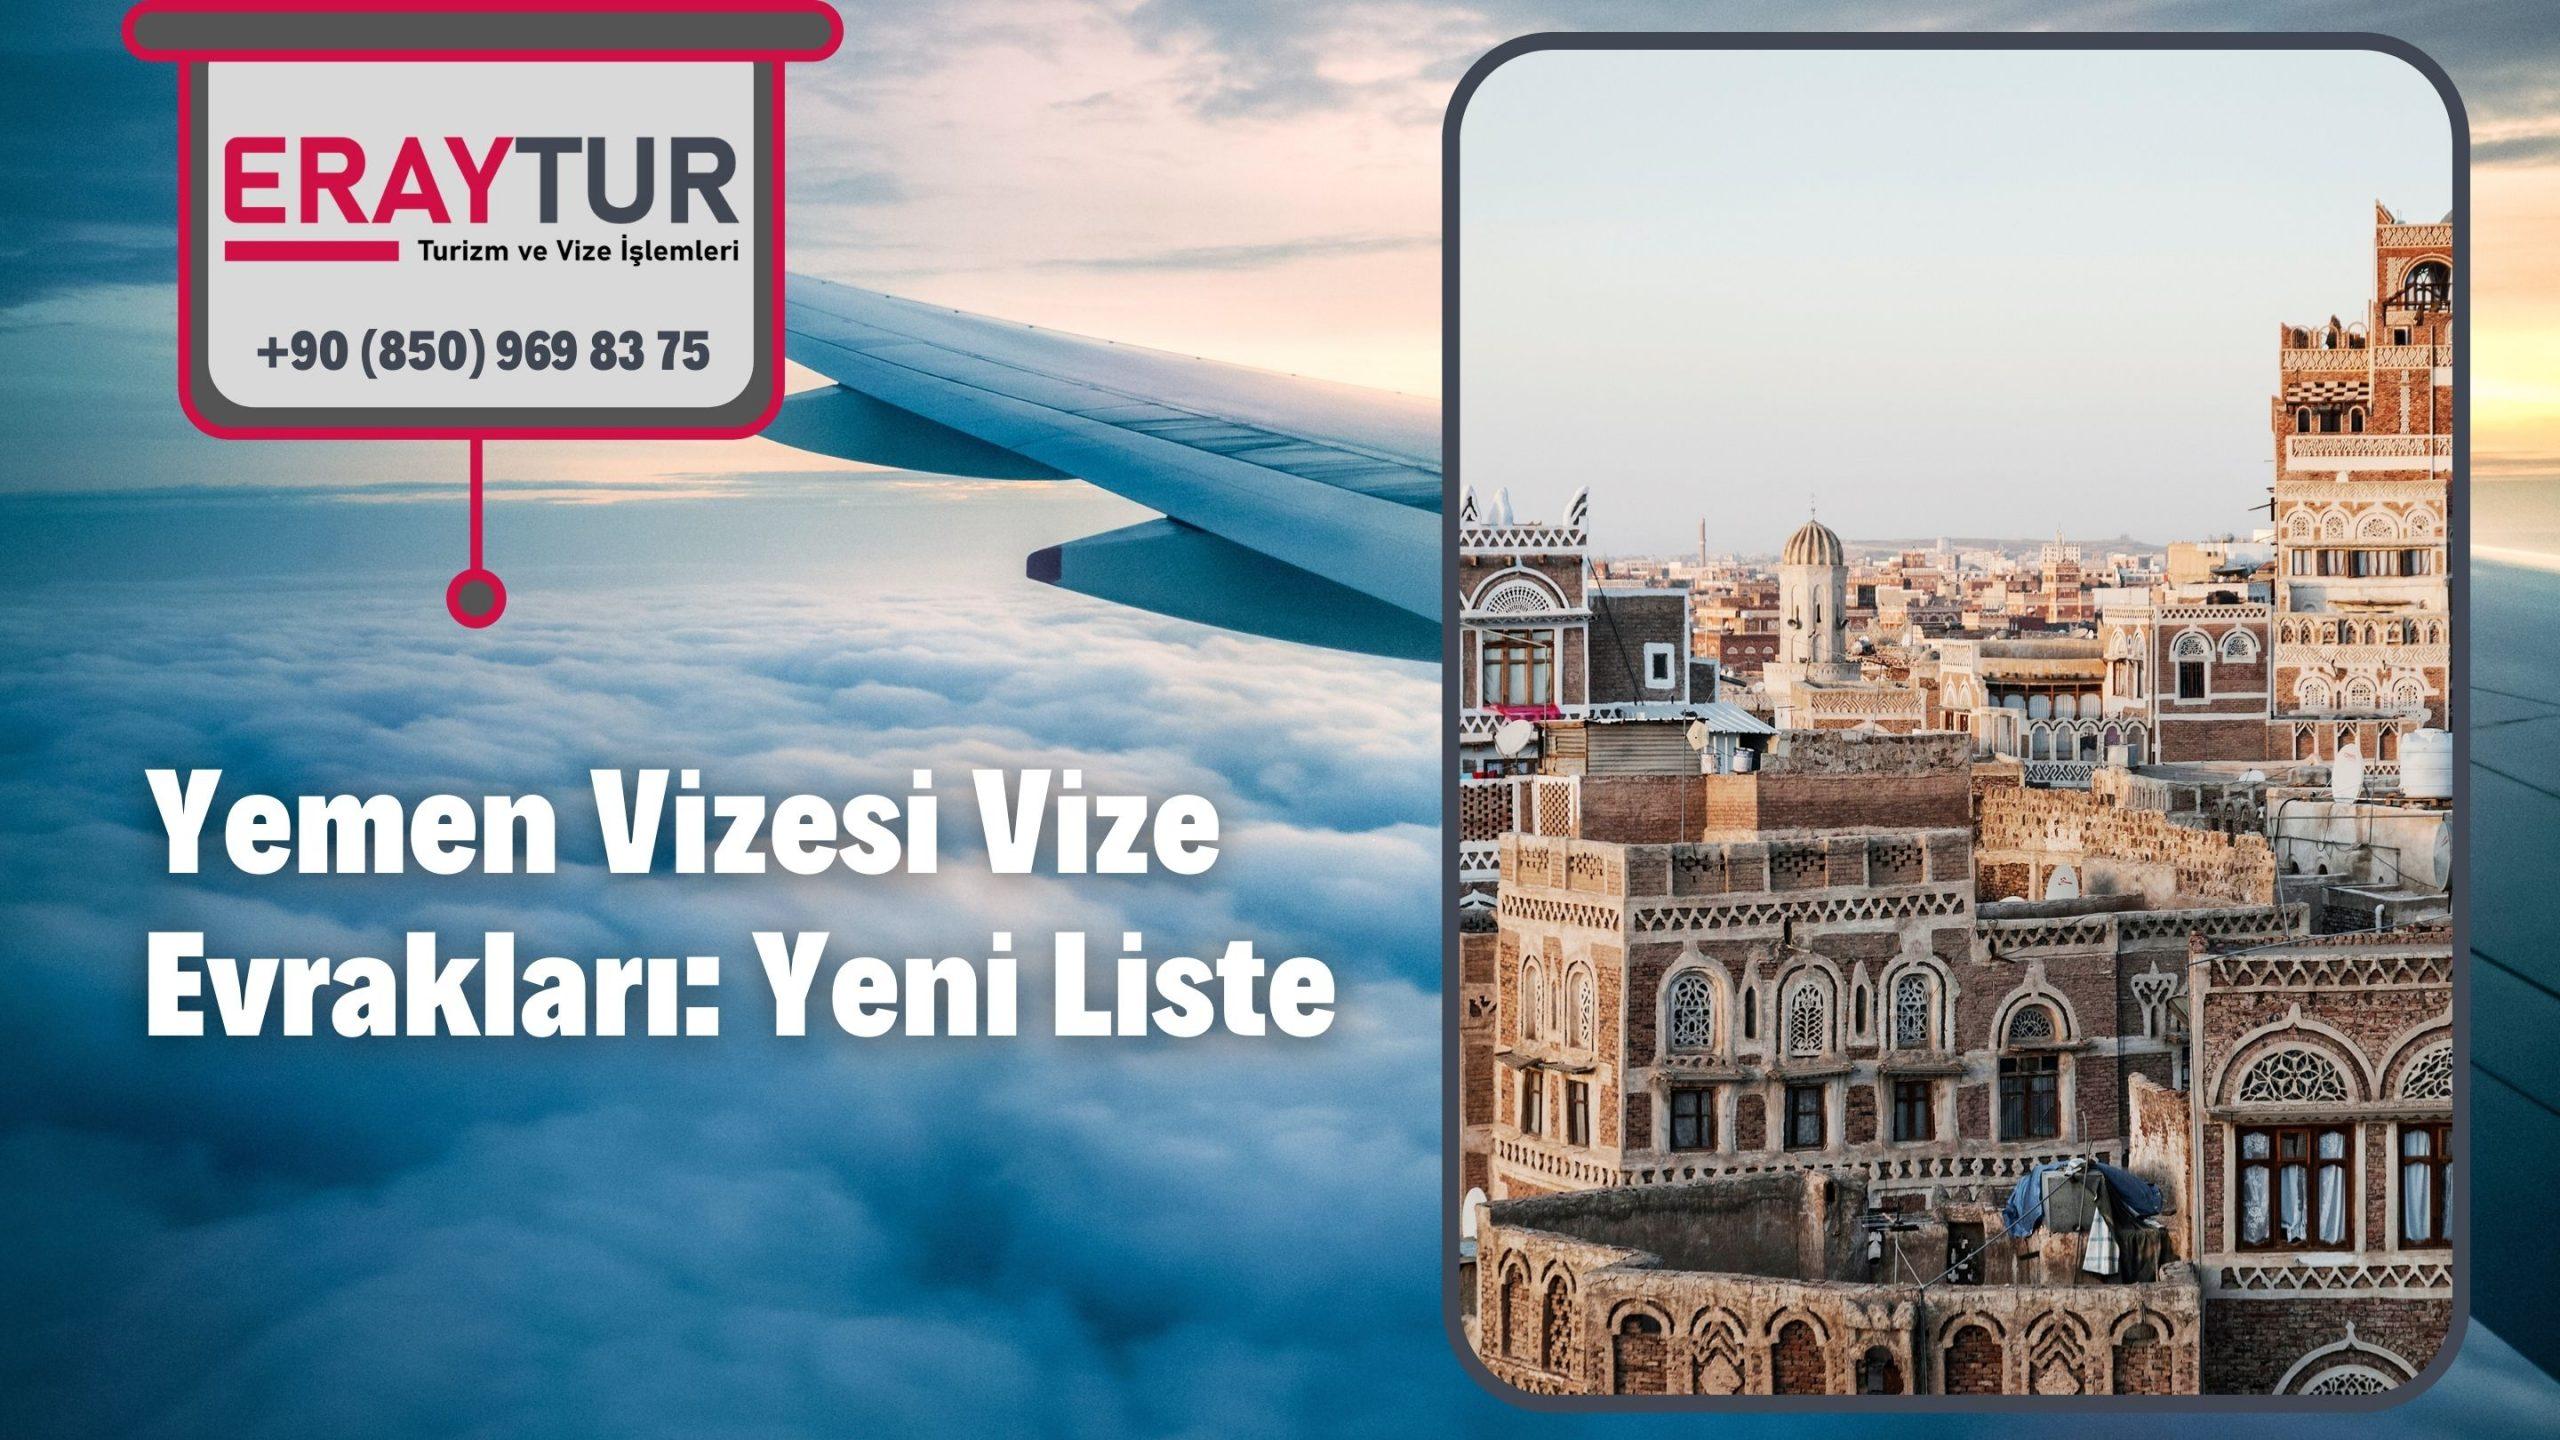 Yemen Vizesi Vize Evrakları: Yeni Liste [2021] 1 – yemen vizesi vize evraklari yeni liste 2021 1 scaled